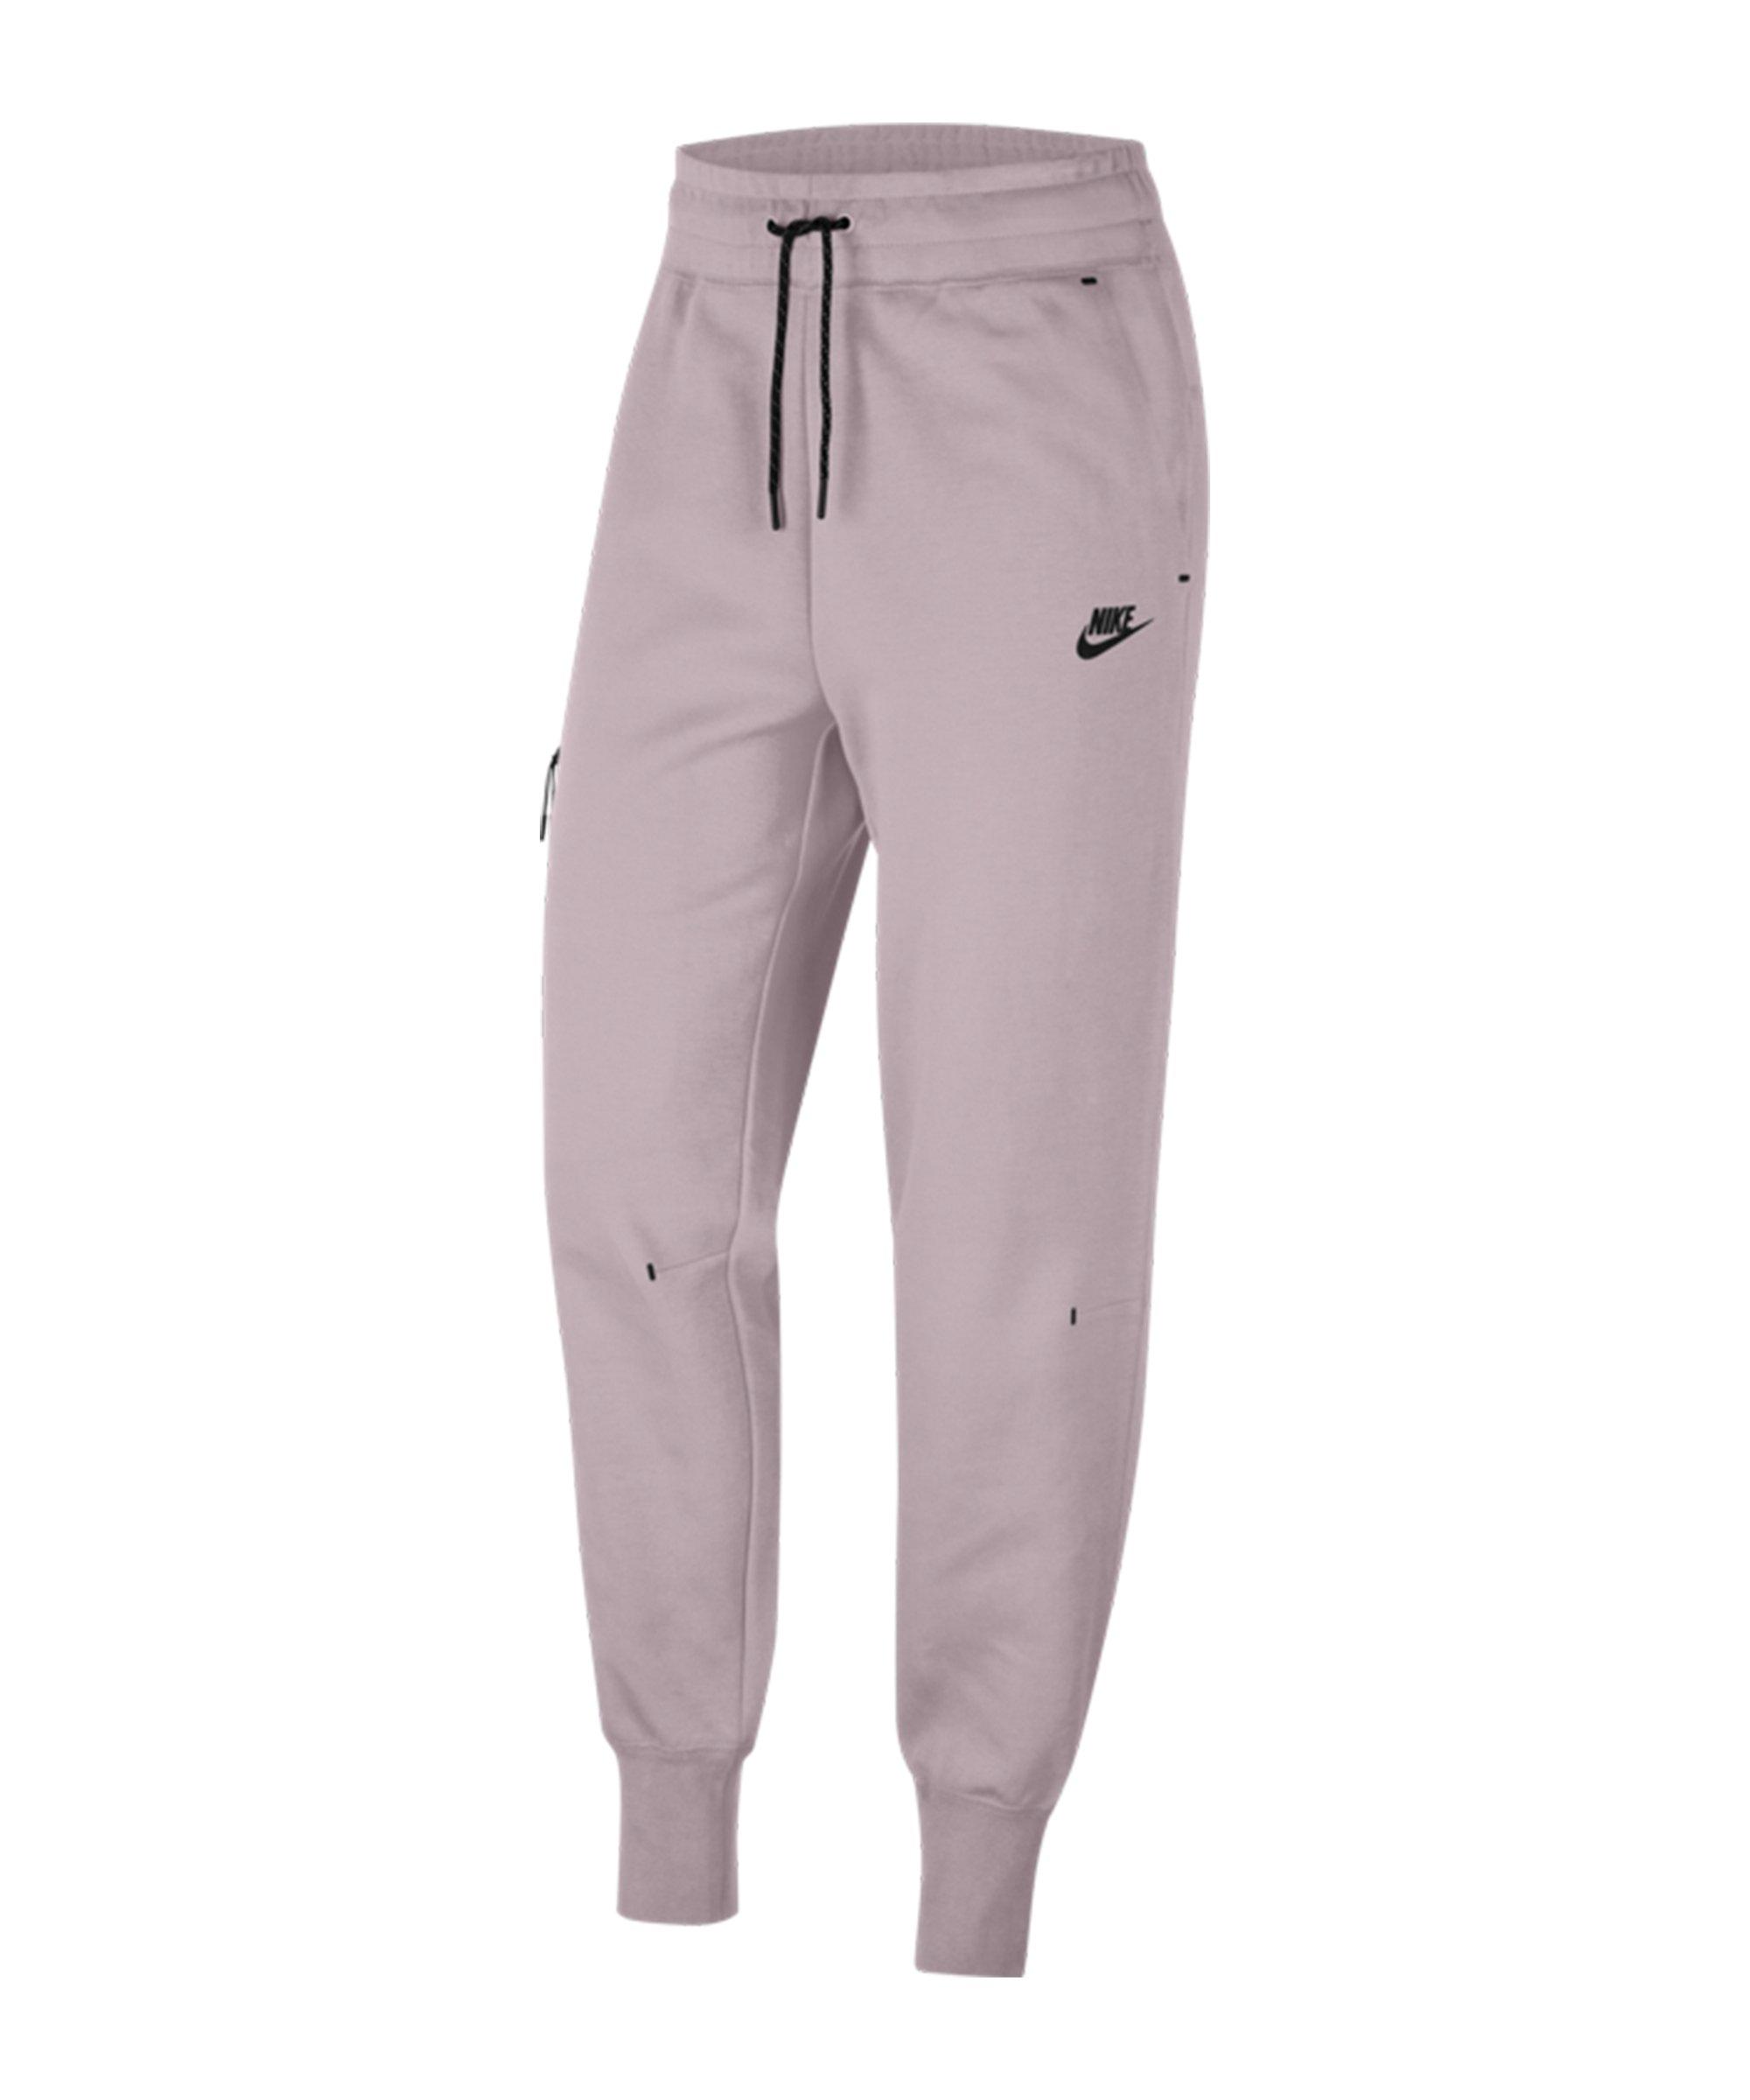 Nike Tech Fleece Jogginghose Damen Rosa F645 - weiss